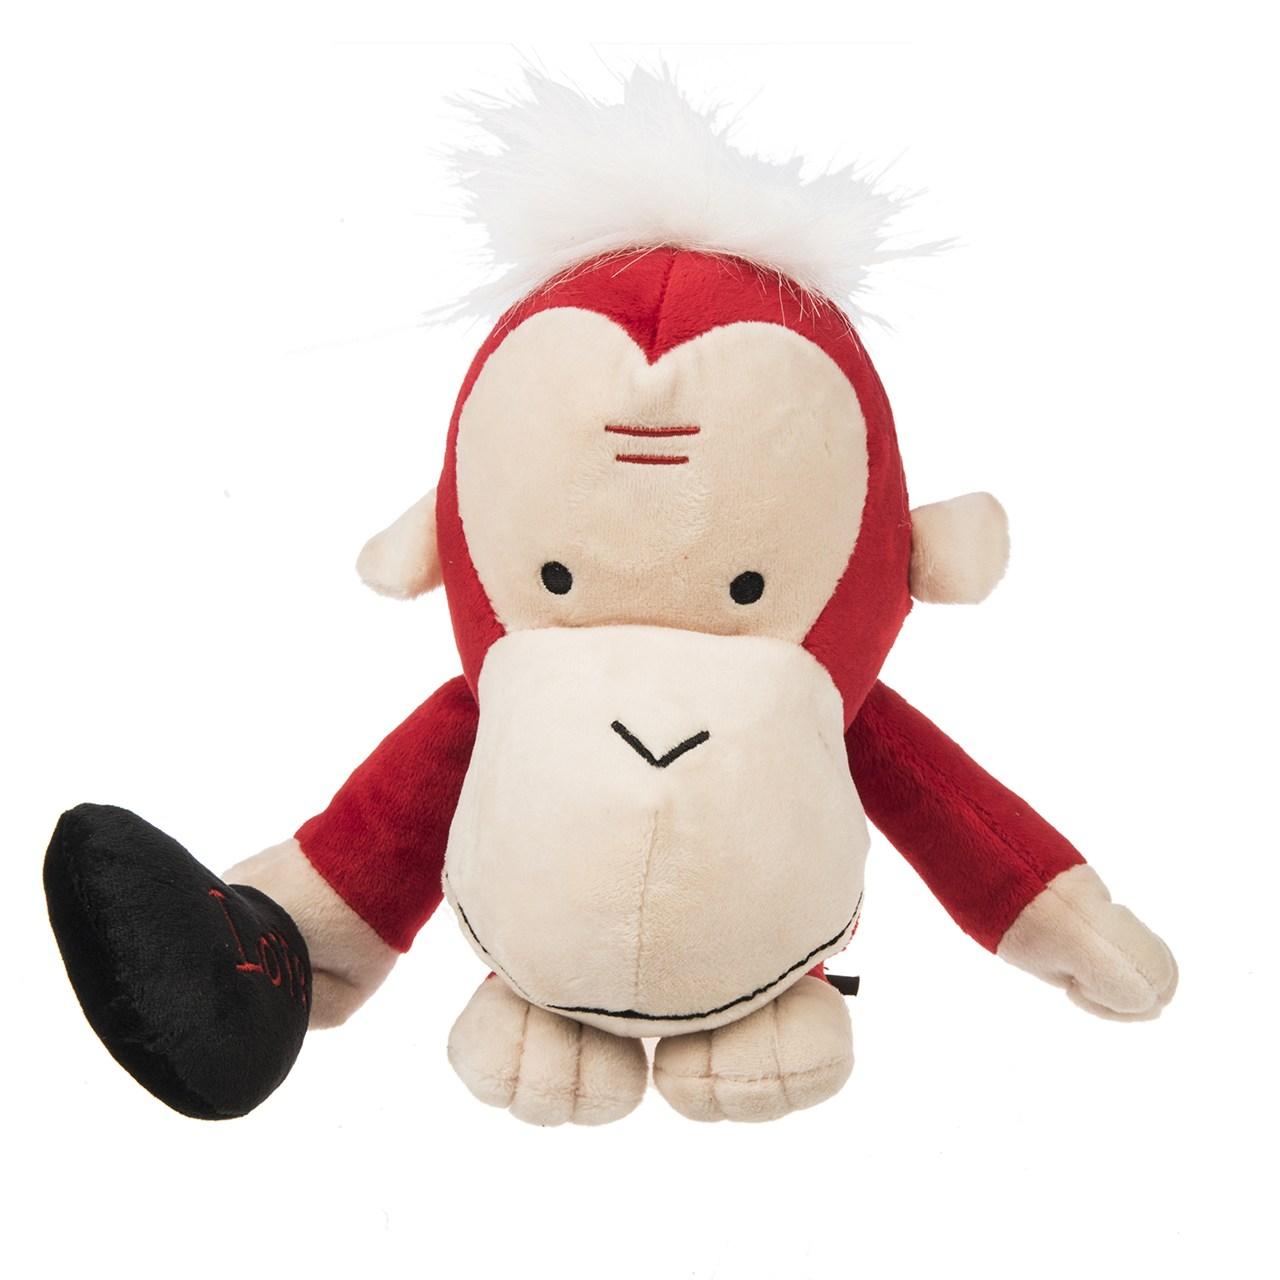 عروسک پالیز مدل Red Monkey طول 35 سانتی متر